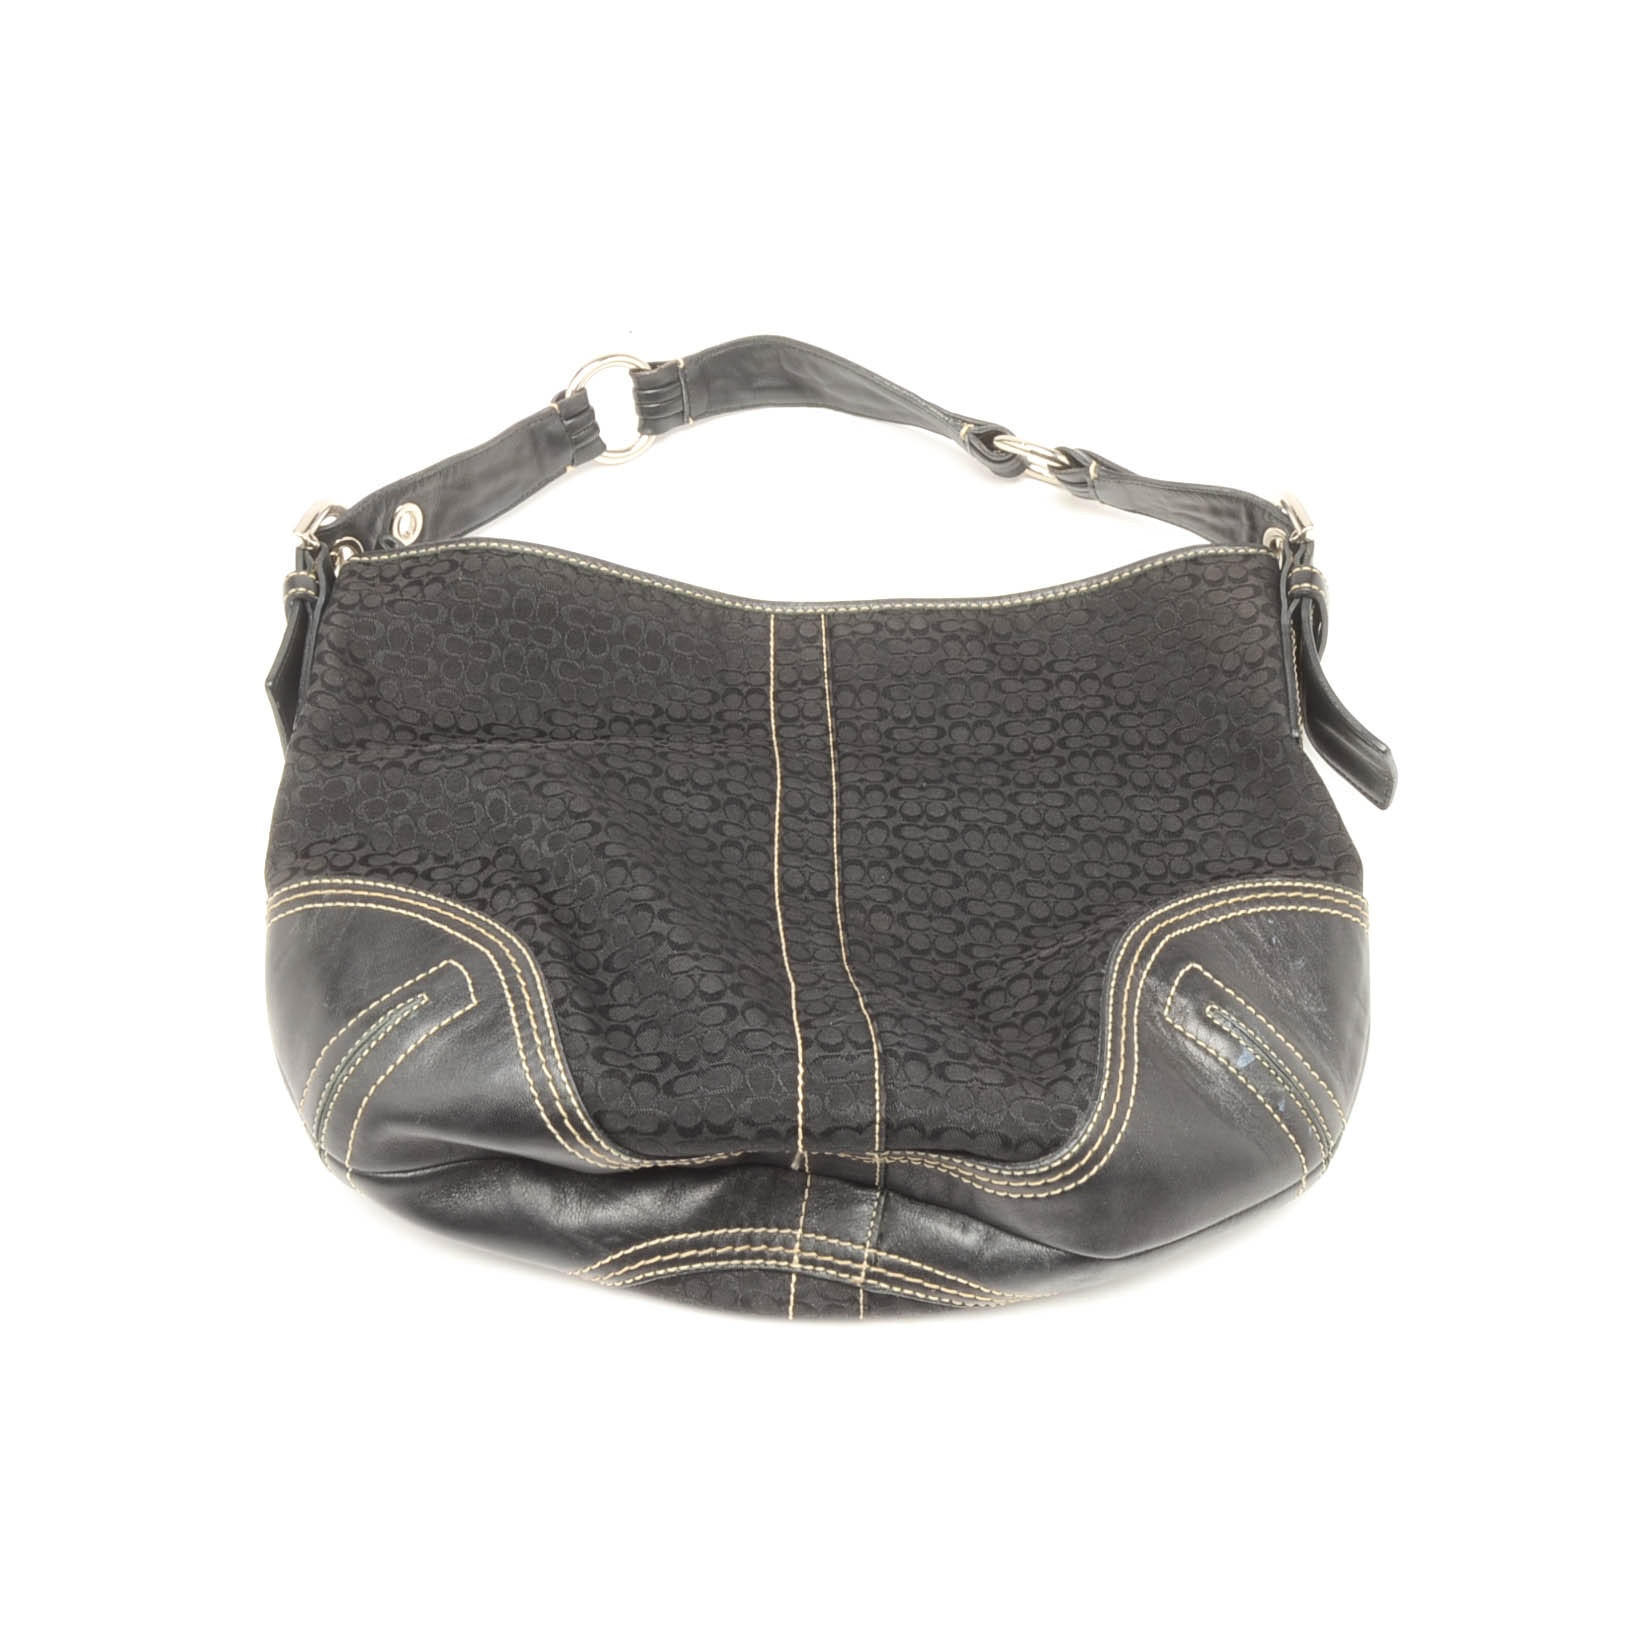 Coach Mini Signature Jacquard and Black Leather Hobo Handbag